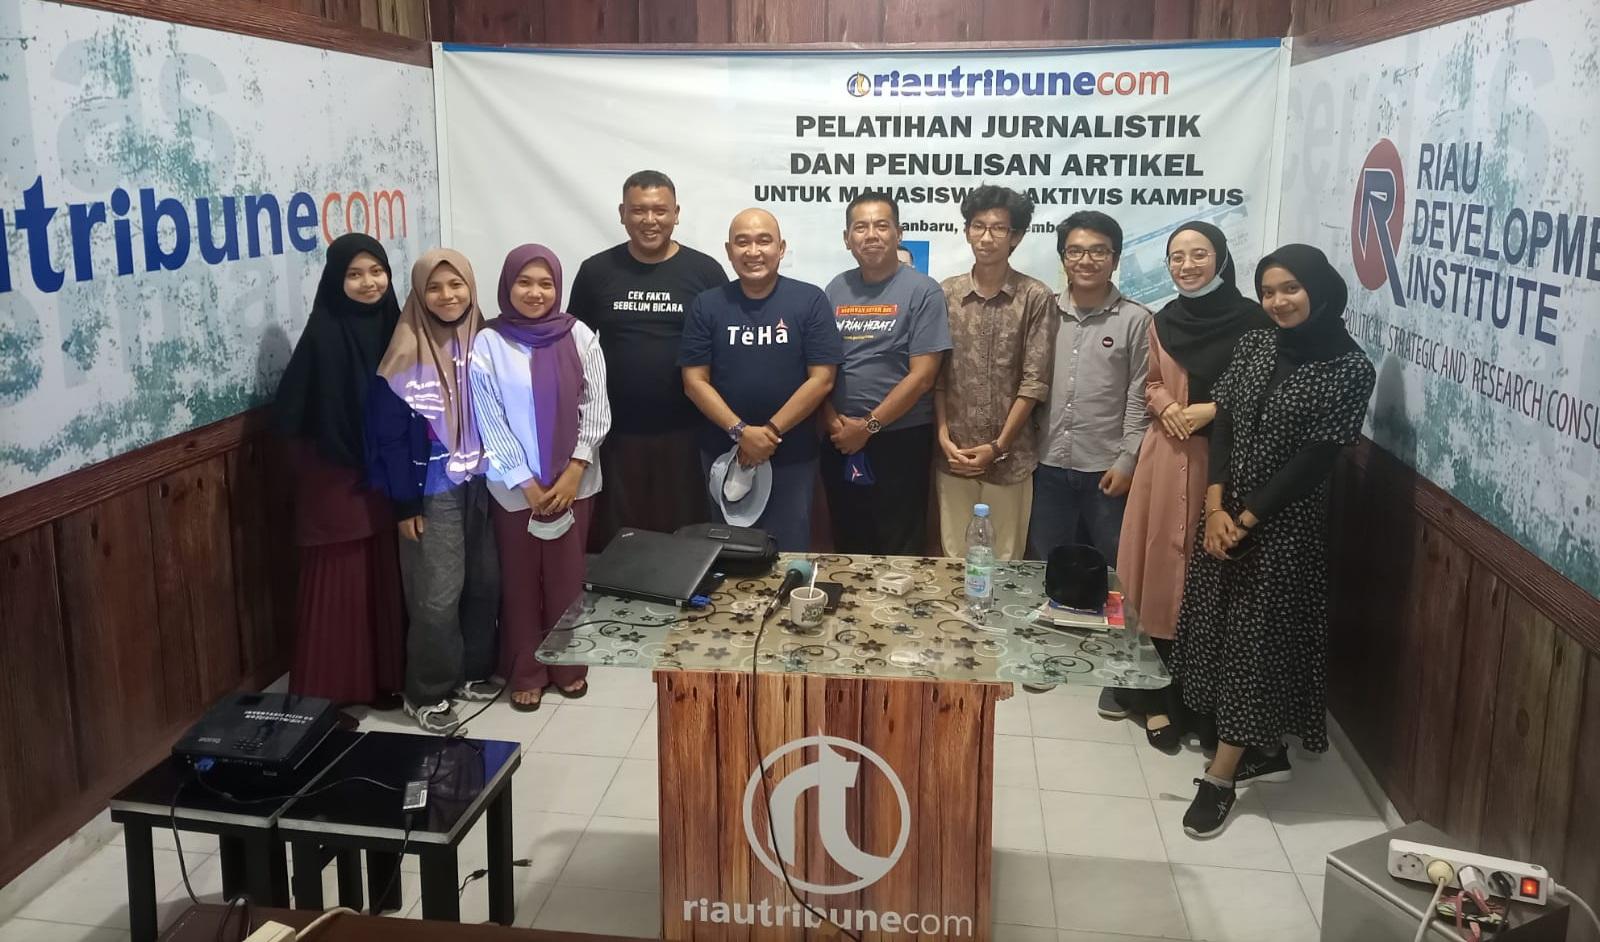 Posko Rumah Peradaban dan Riautribune.com Gelar Pelatihan Jurnalistik